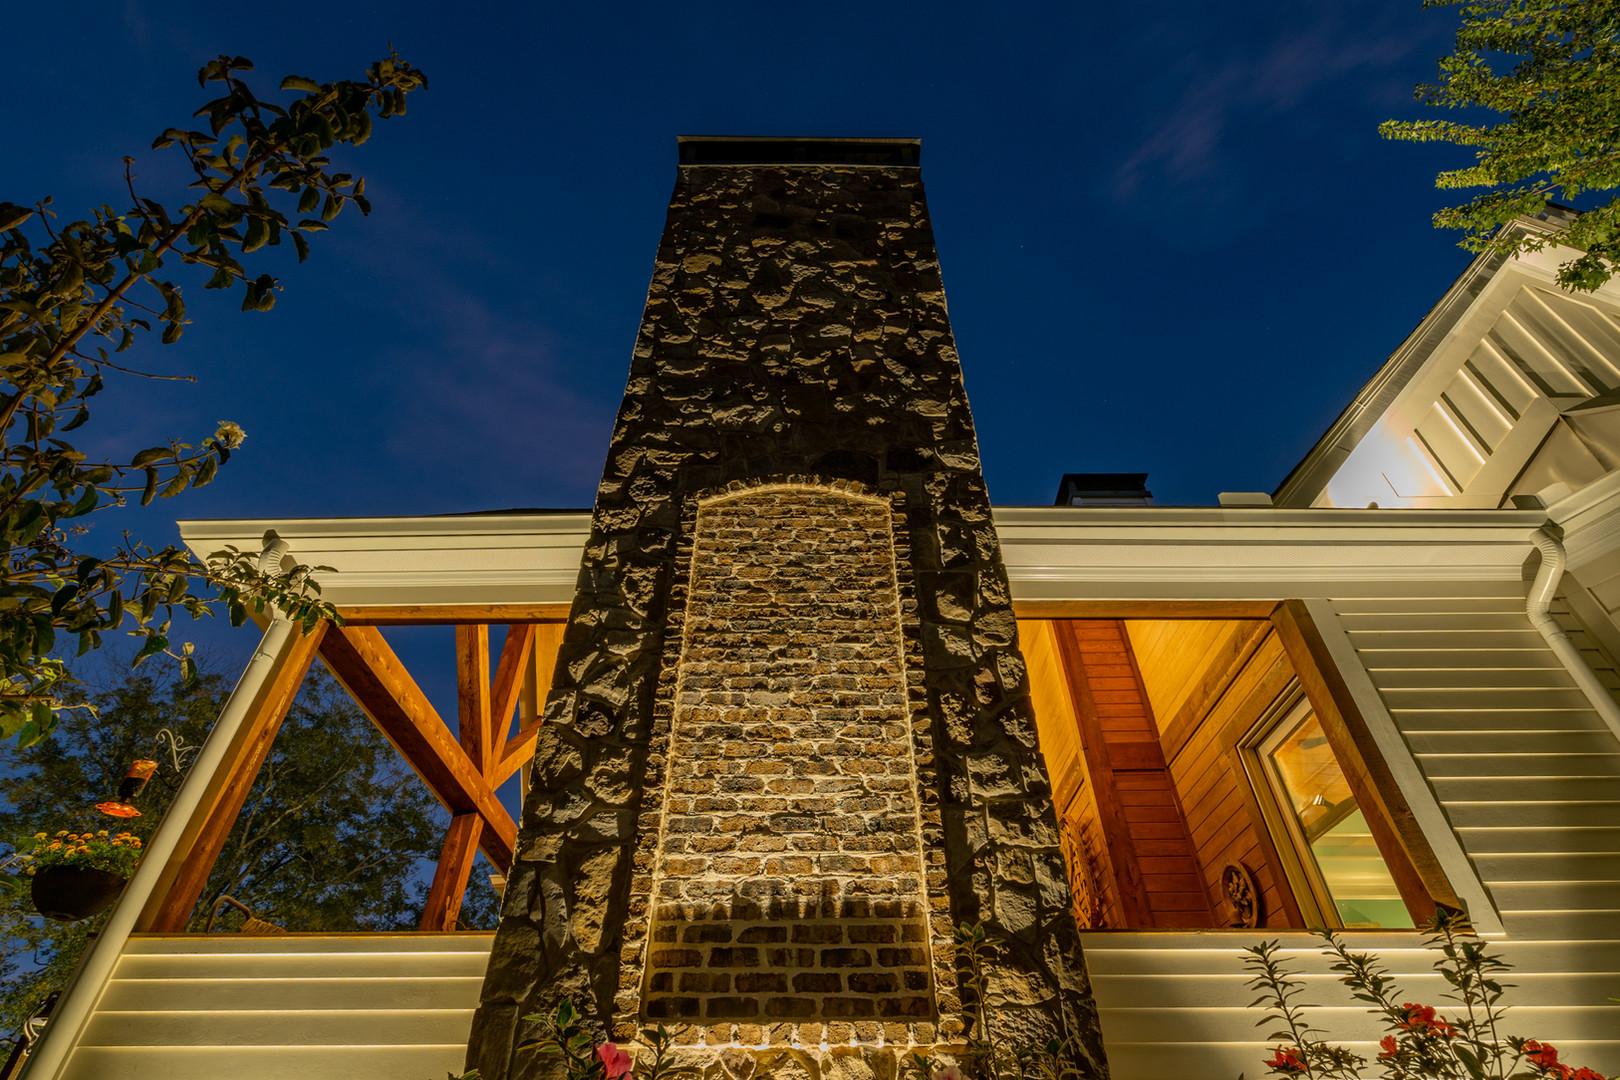 Foundation Lights on Stone Fireplace